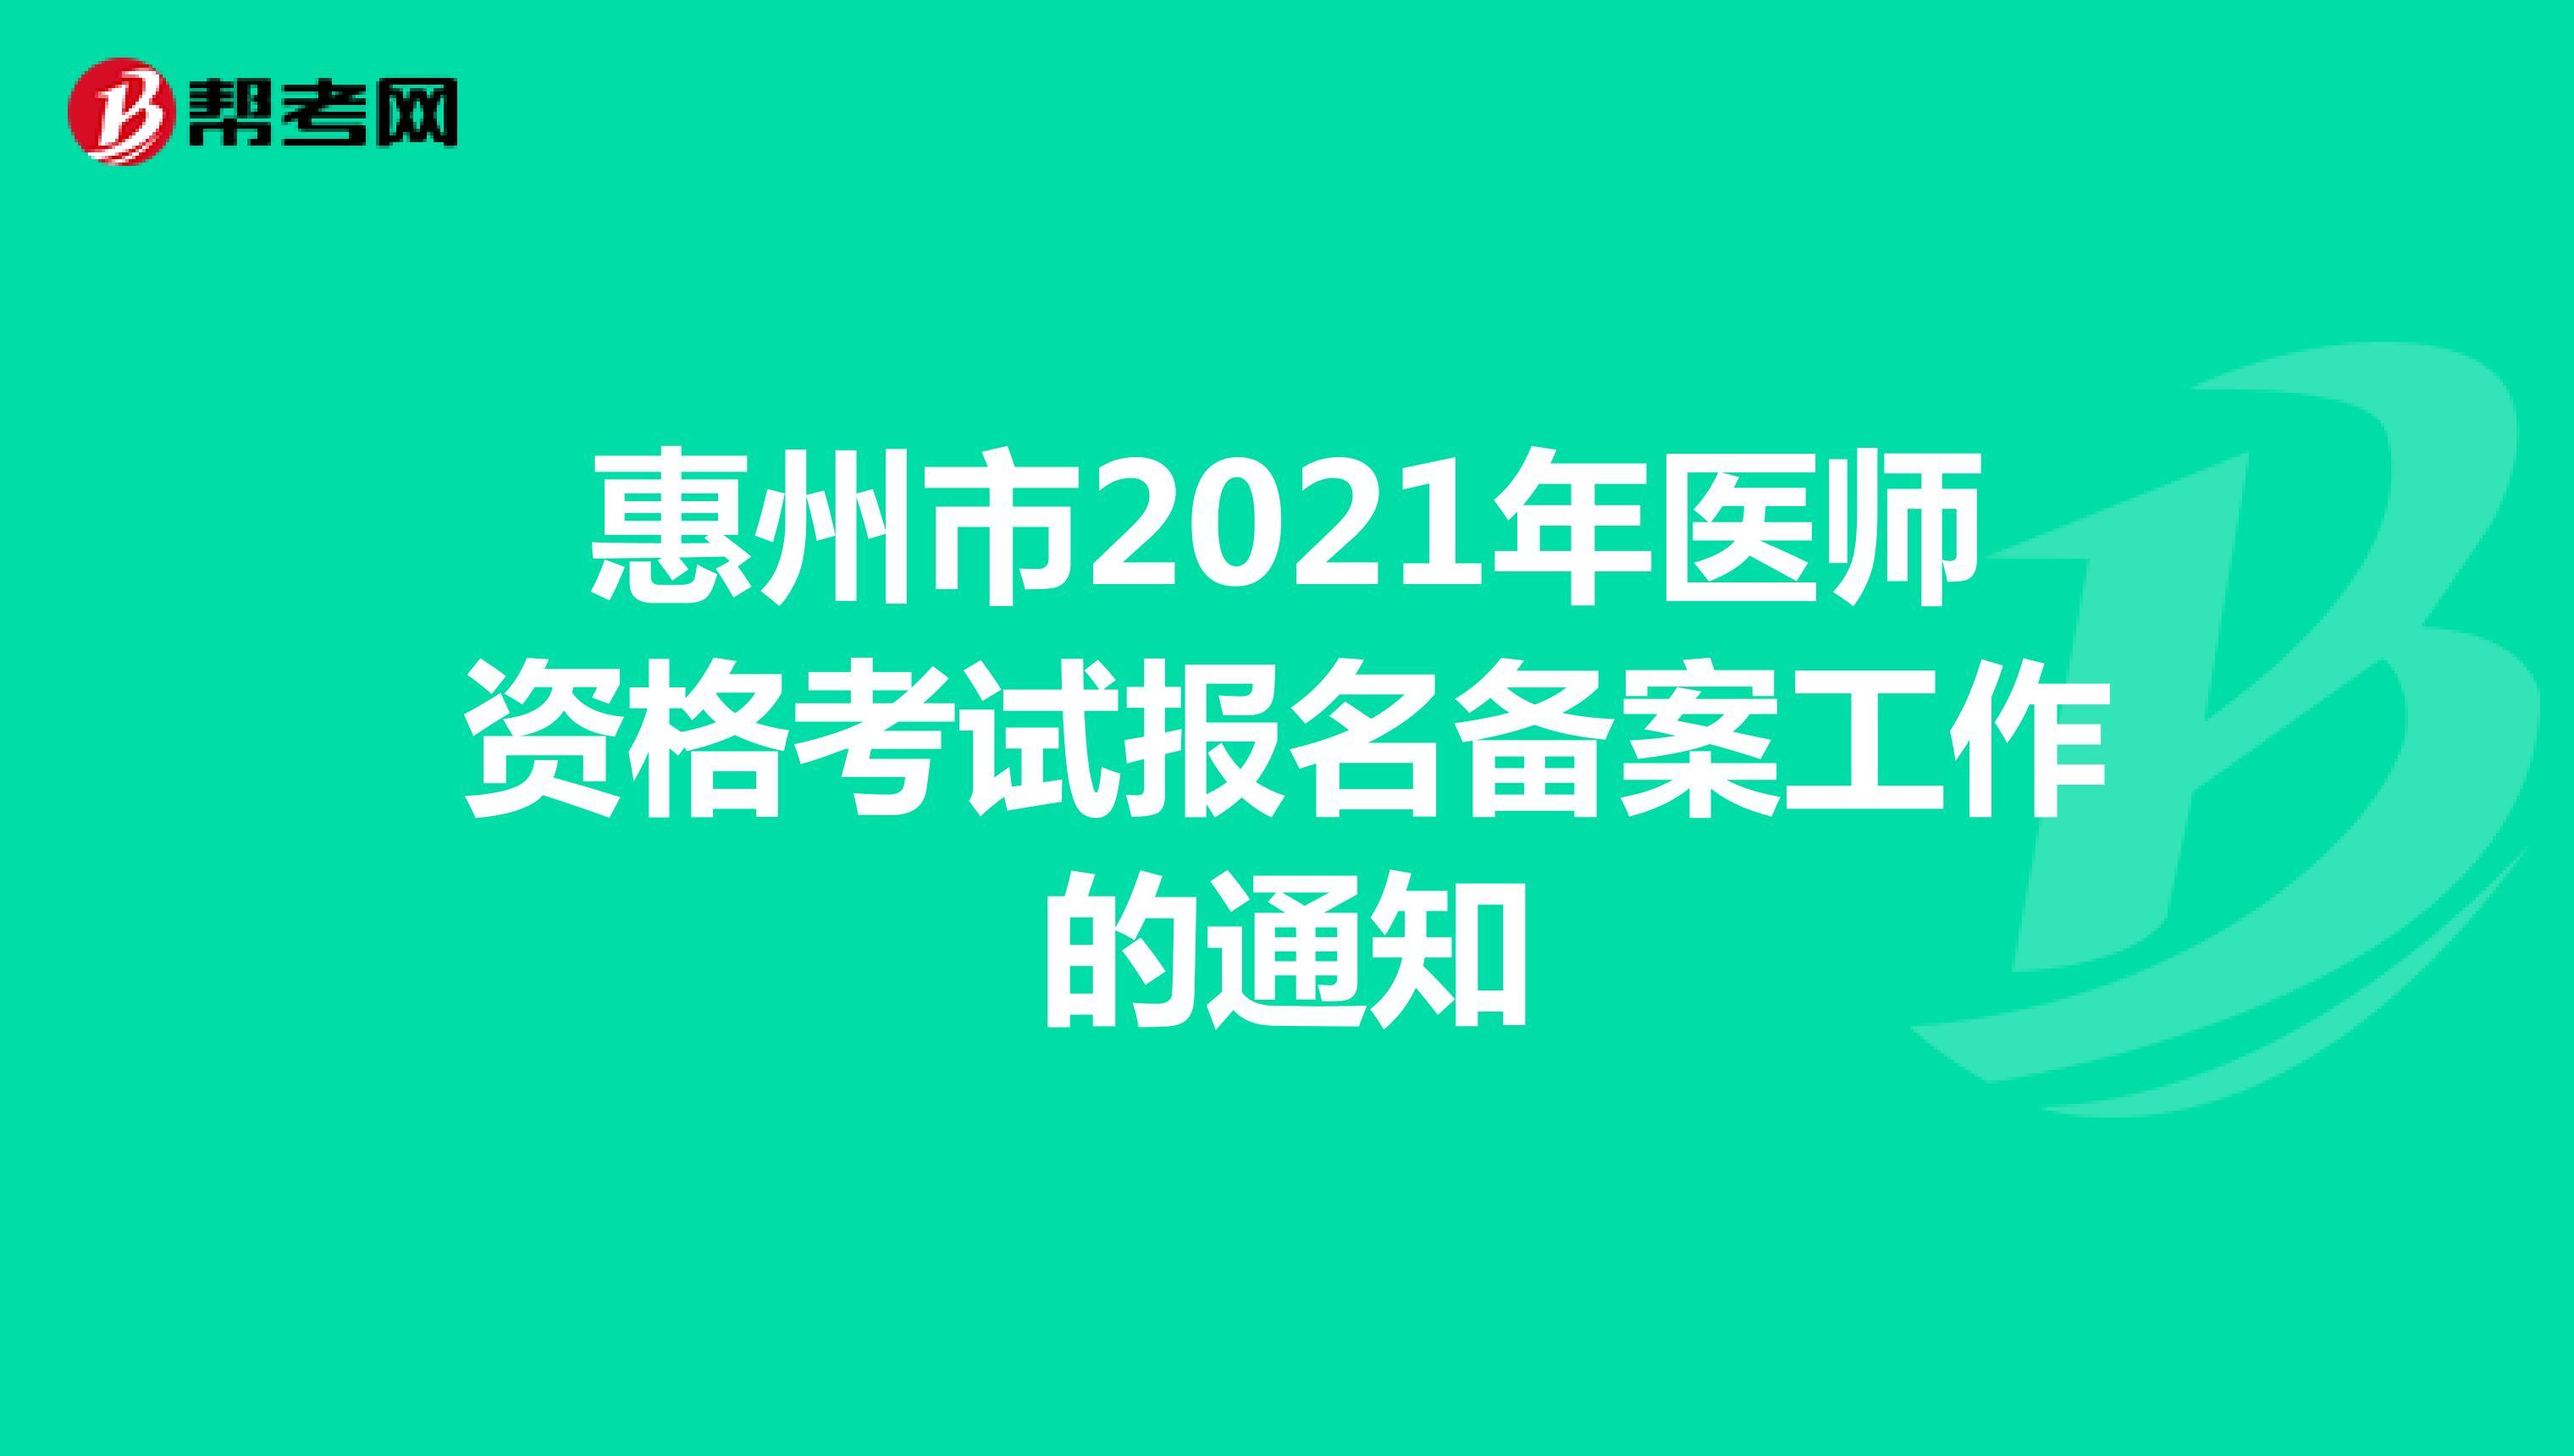 惠州市2021年醫師資格考試報名備案工作的通知